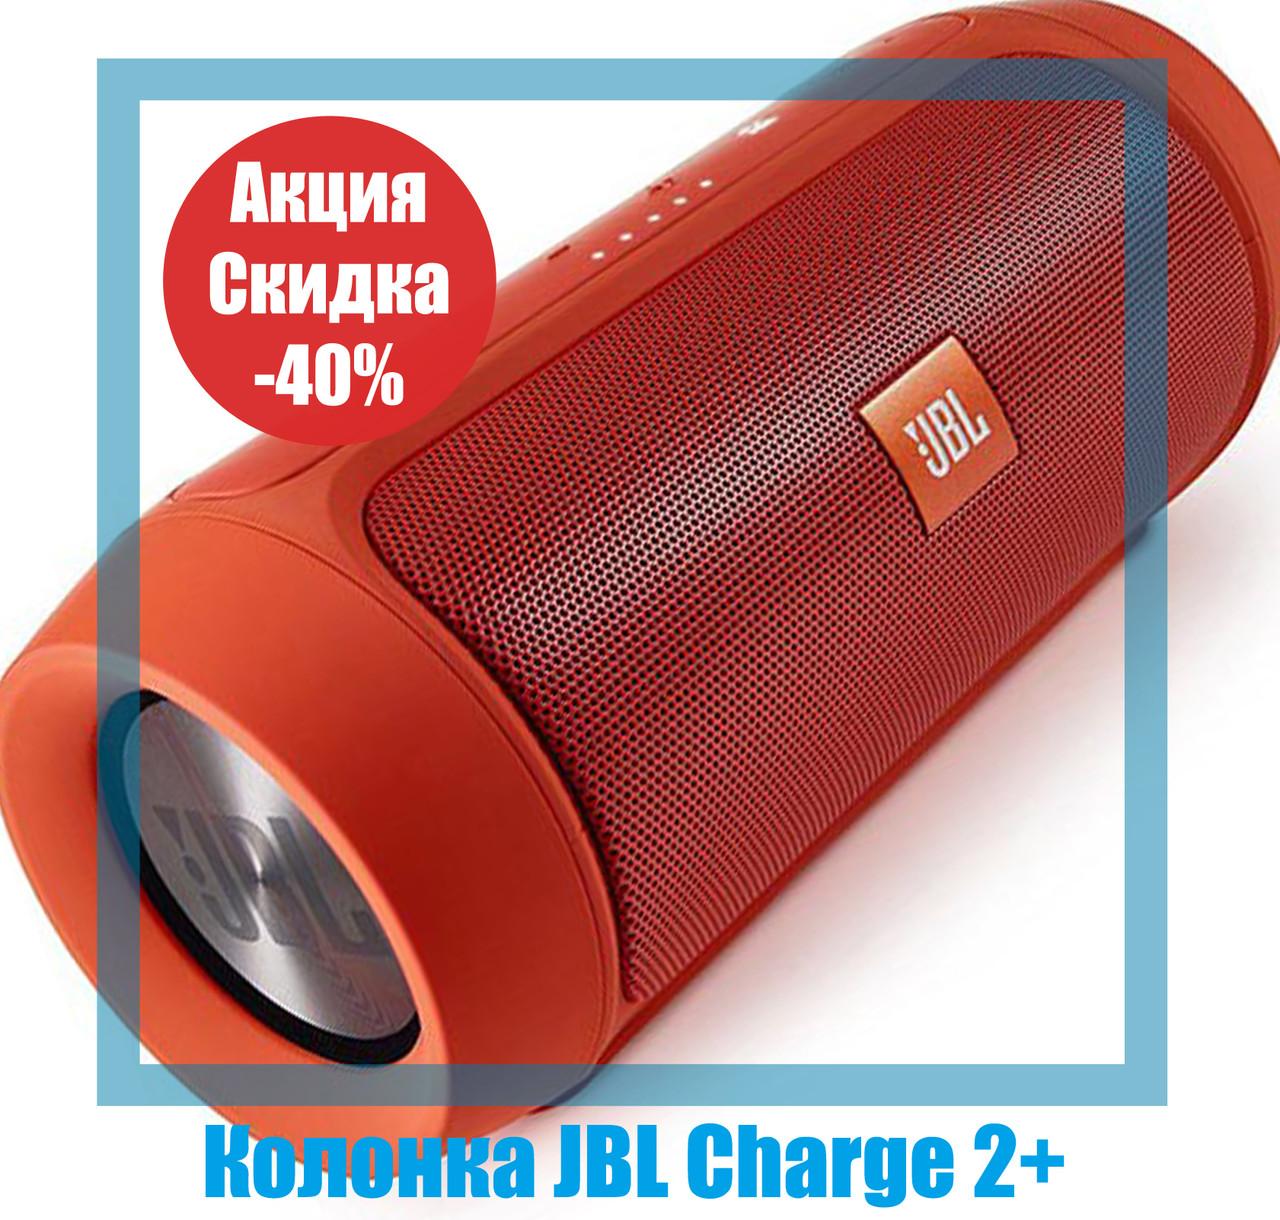 Колонка JBL Charge 2+ Bluetooth, FM MP3 AUX USB microSD, влагозащита, 15W Quality Replica